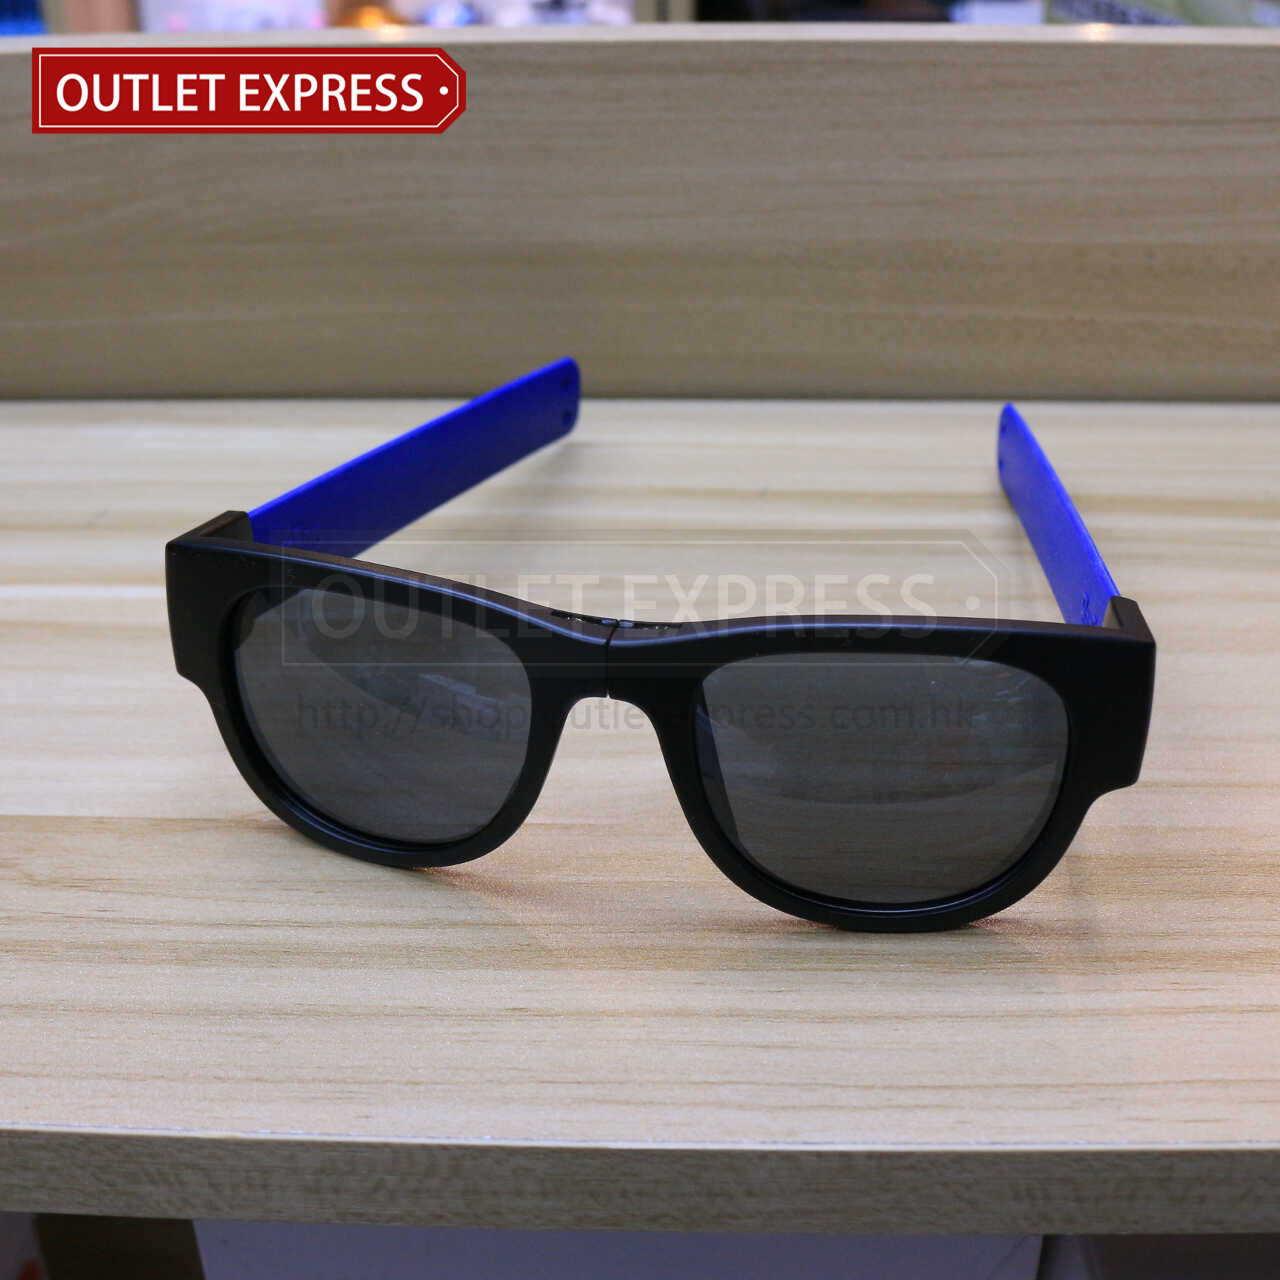 紐西蘭 SlapSee 變形偏光太陽眼鏡  正面圖- Outlet Express HK 生活百貨城實拍圖